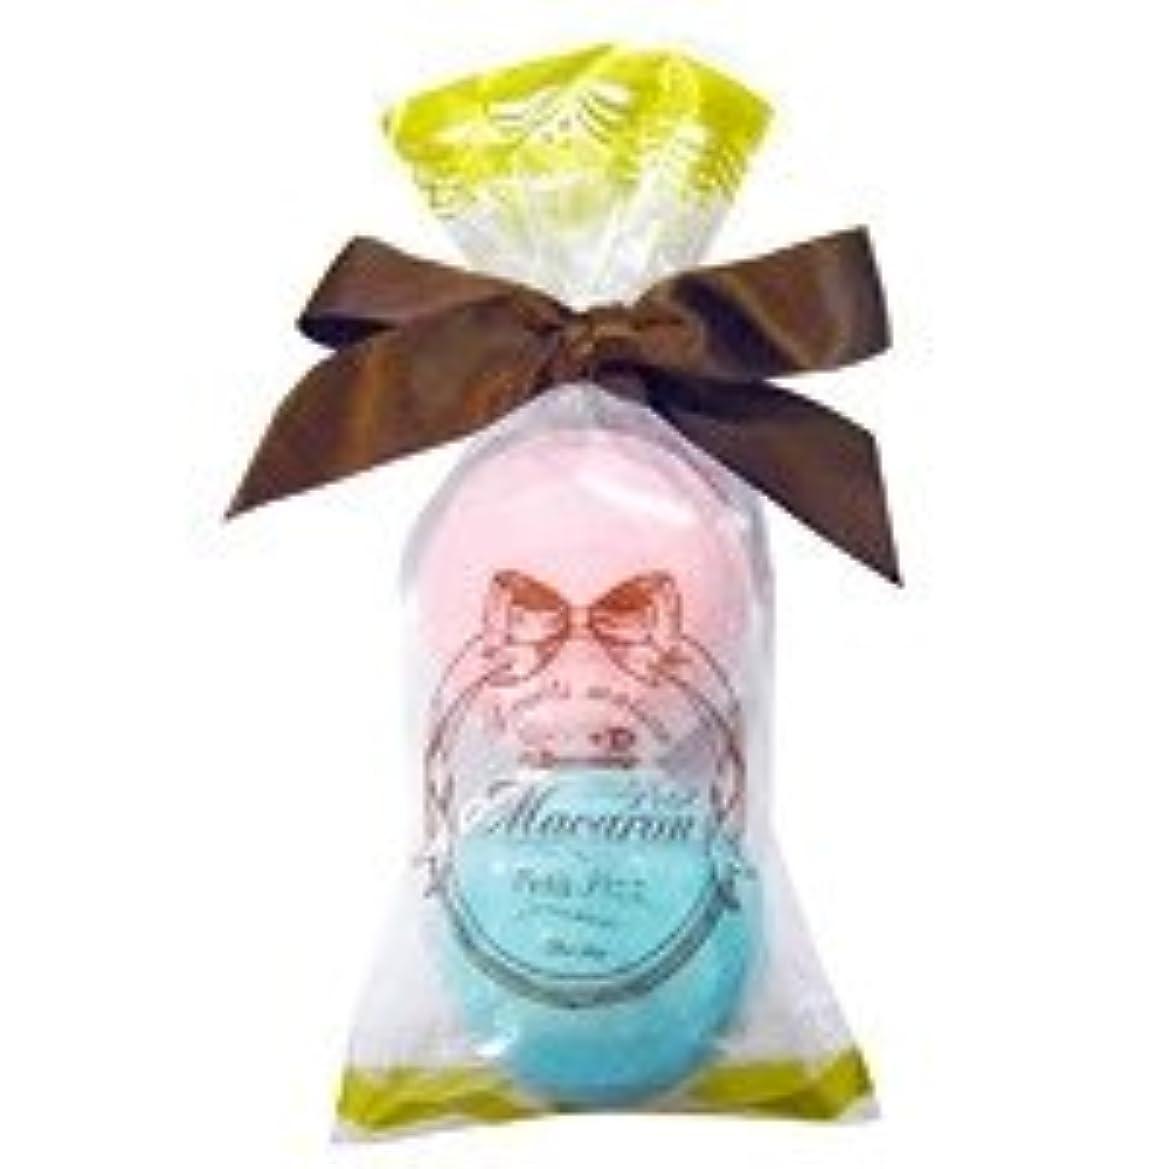 農場こしょう操るスウィーツメゾン プチマカロンミニセット「ピンク&ターコイズ」6個セット 甘酸っぱいラズベリーの香り&香り豊かなグリーンティの香り